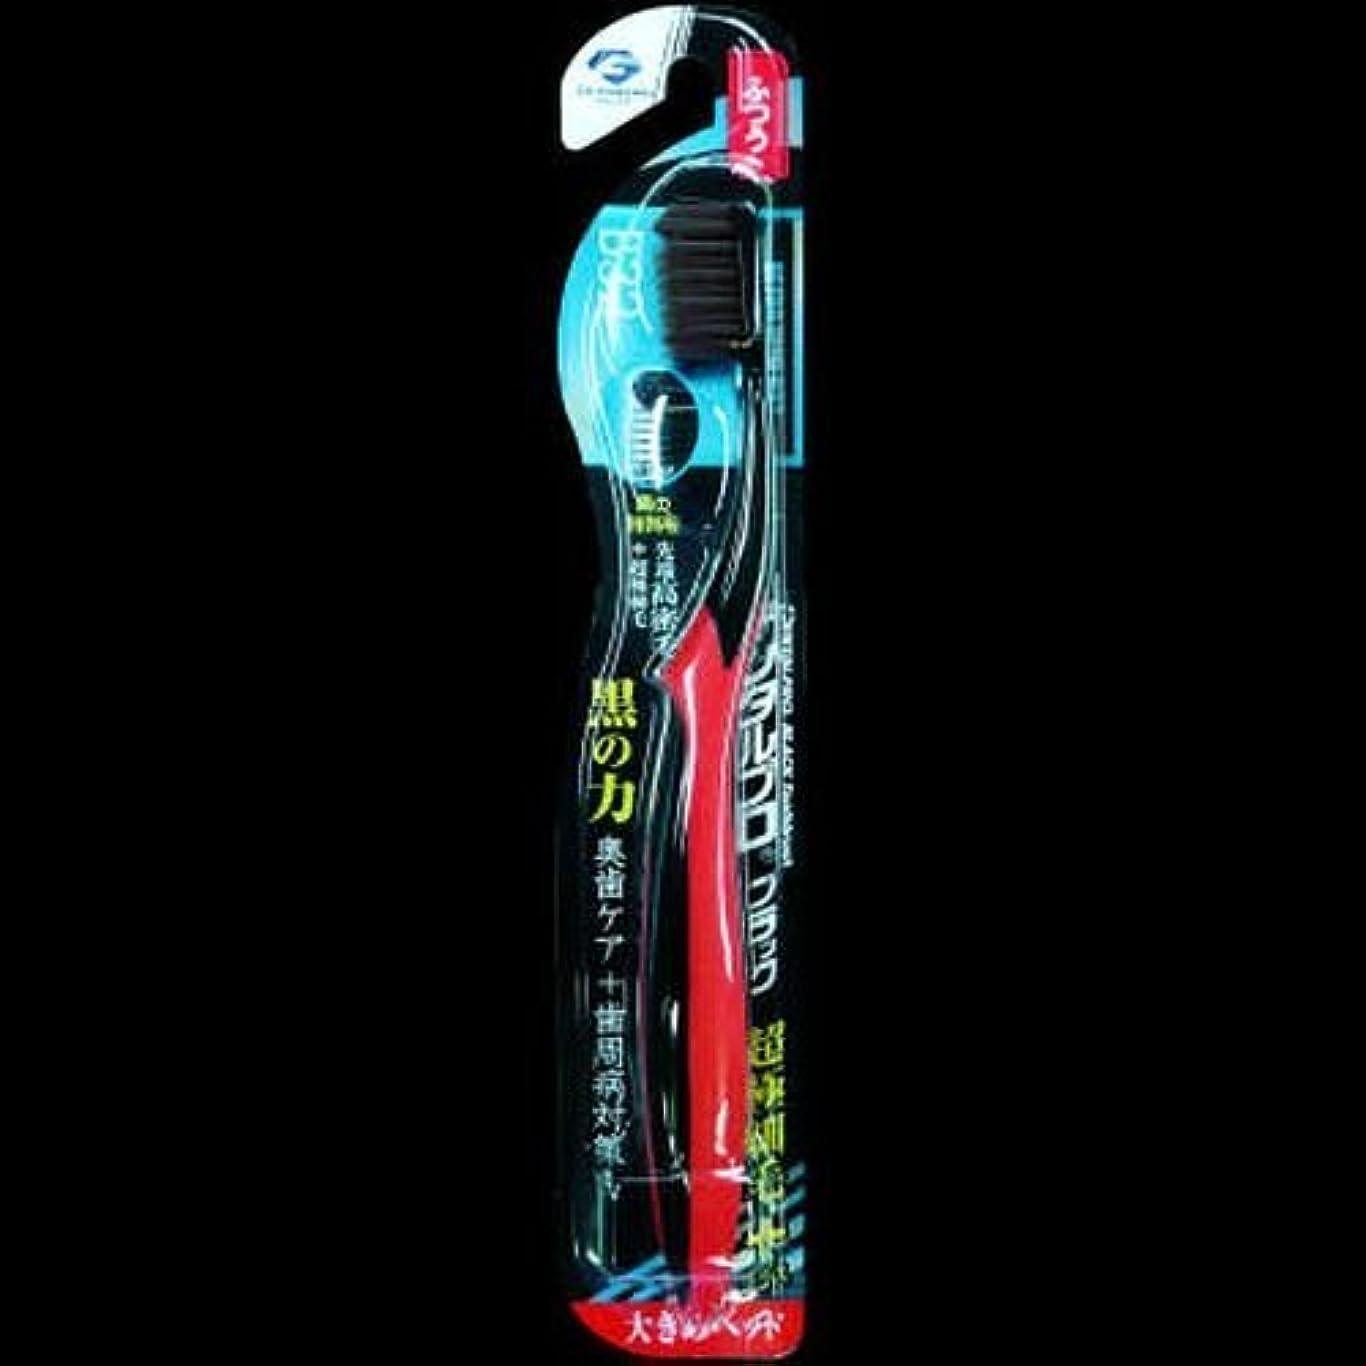 ディレクトリ風刺正確さデンタルプロ ブラック歯ブラシ 超極細毛プラス大きめヘッド ふつう ×2セット